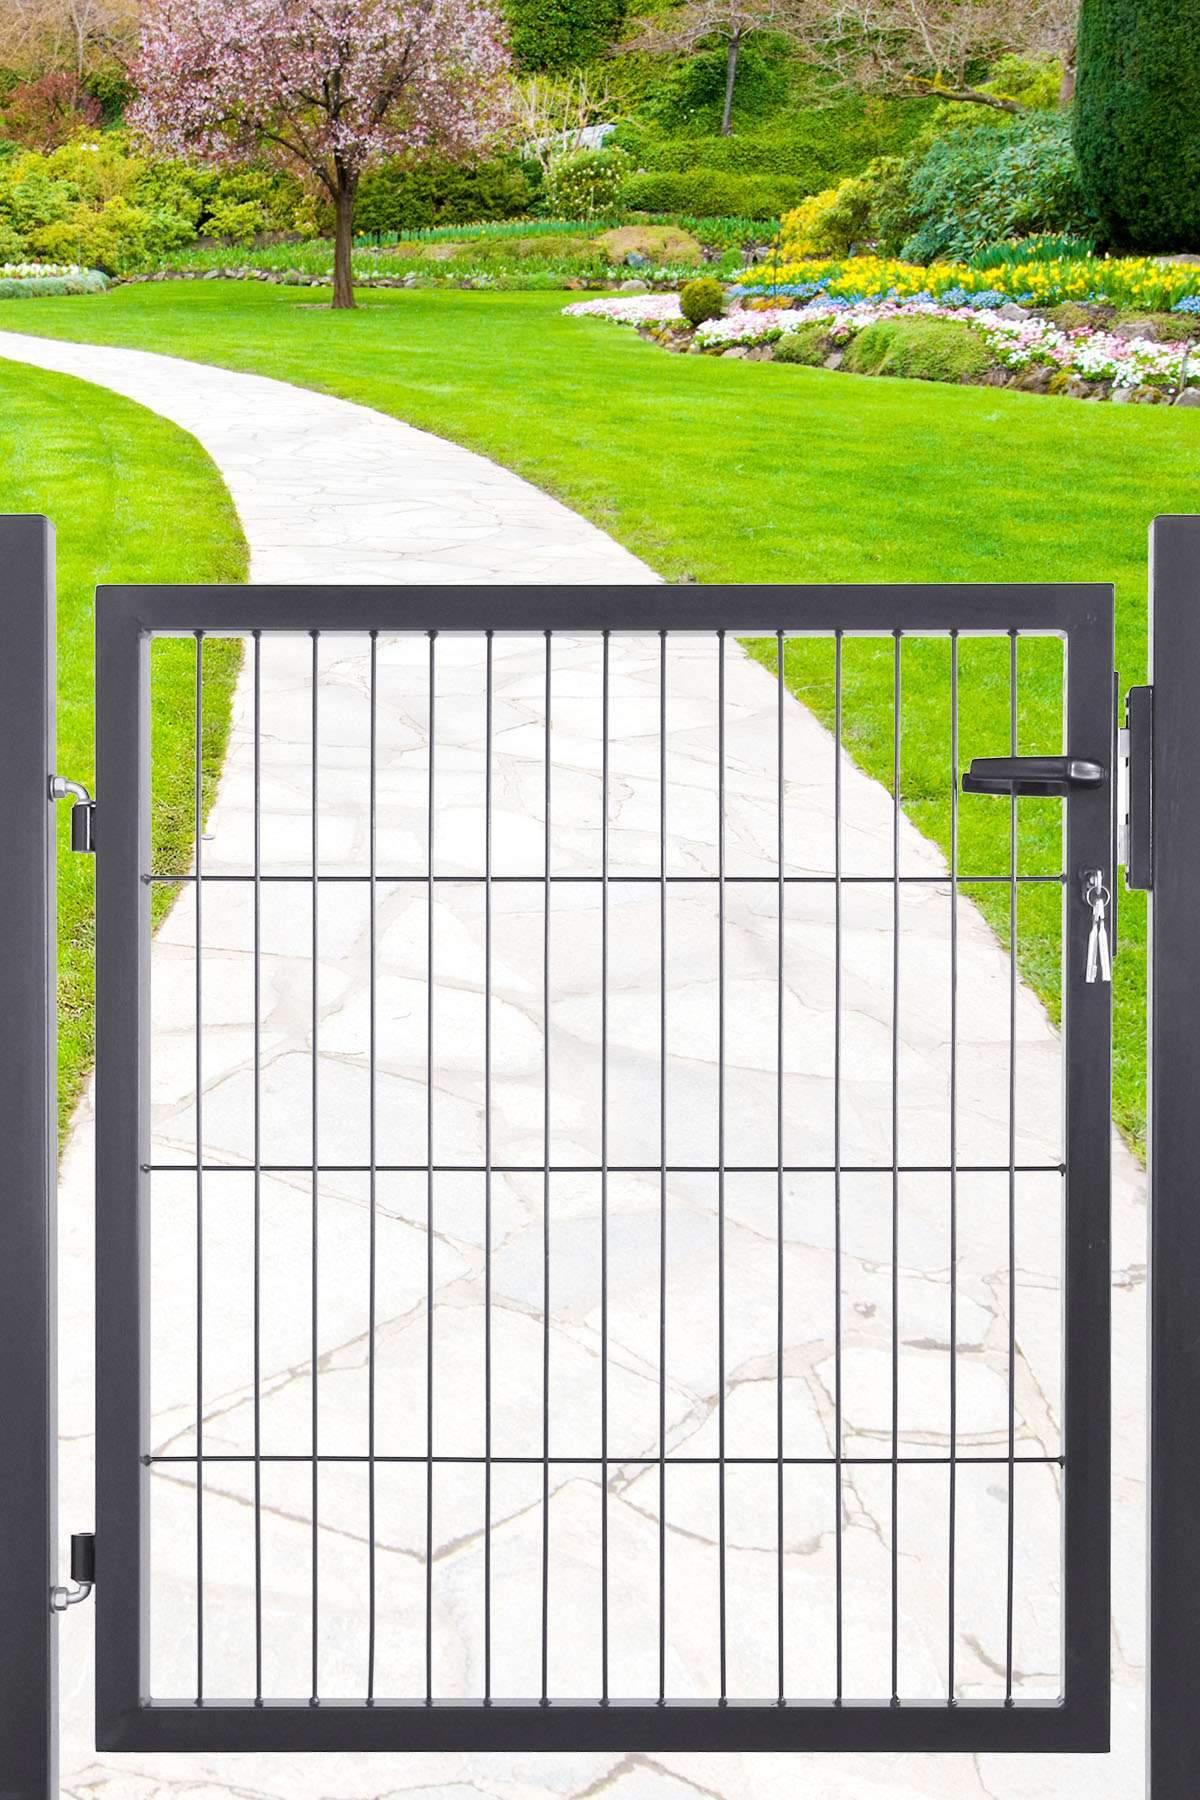 Garten tore Genial Gartentor Für Doppelstabmatte Anthrazit Ral 7016 Einflügelig